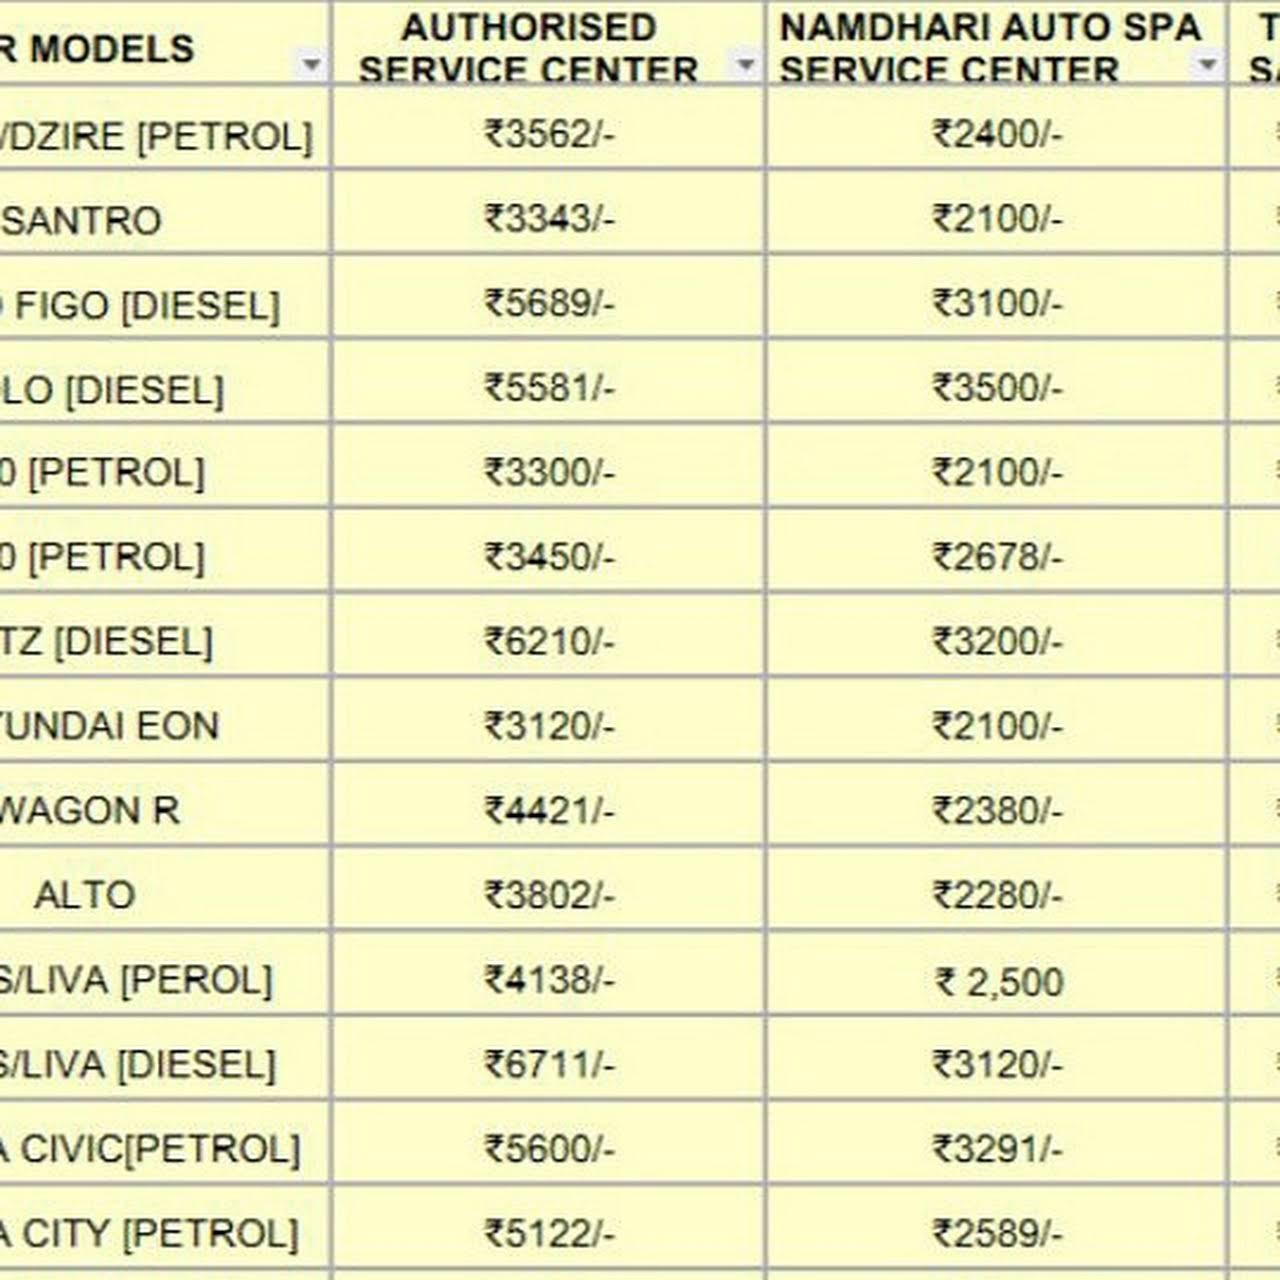 Ecm Repair Cost In India